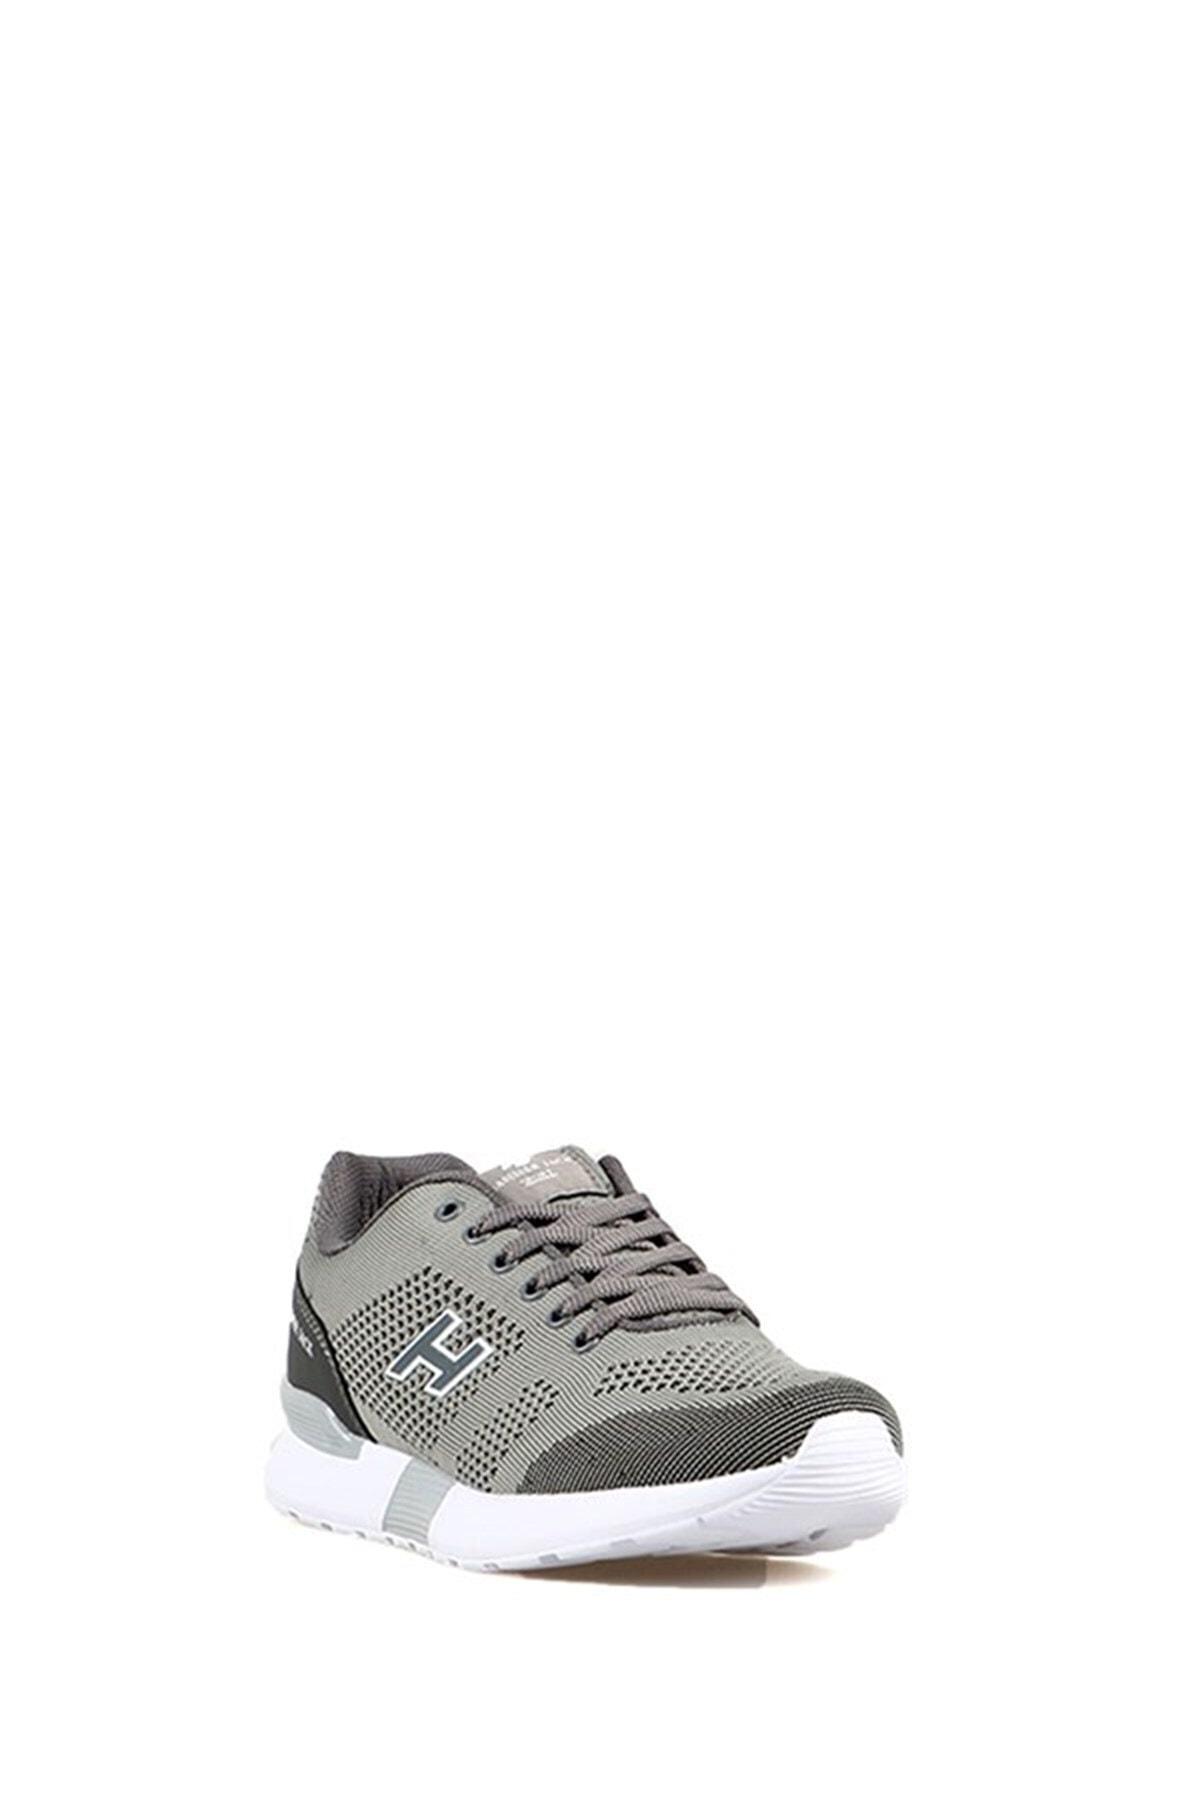 Hammer Jack Nenddor Unısex Spor Ayakkabı Füme 2